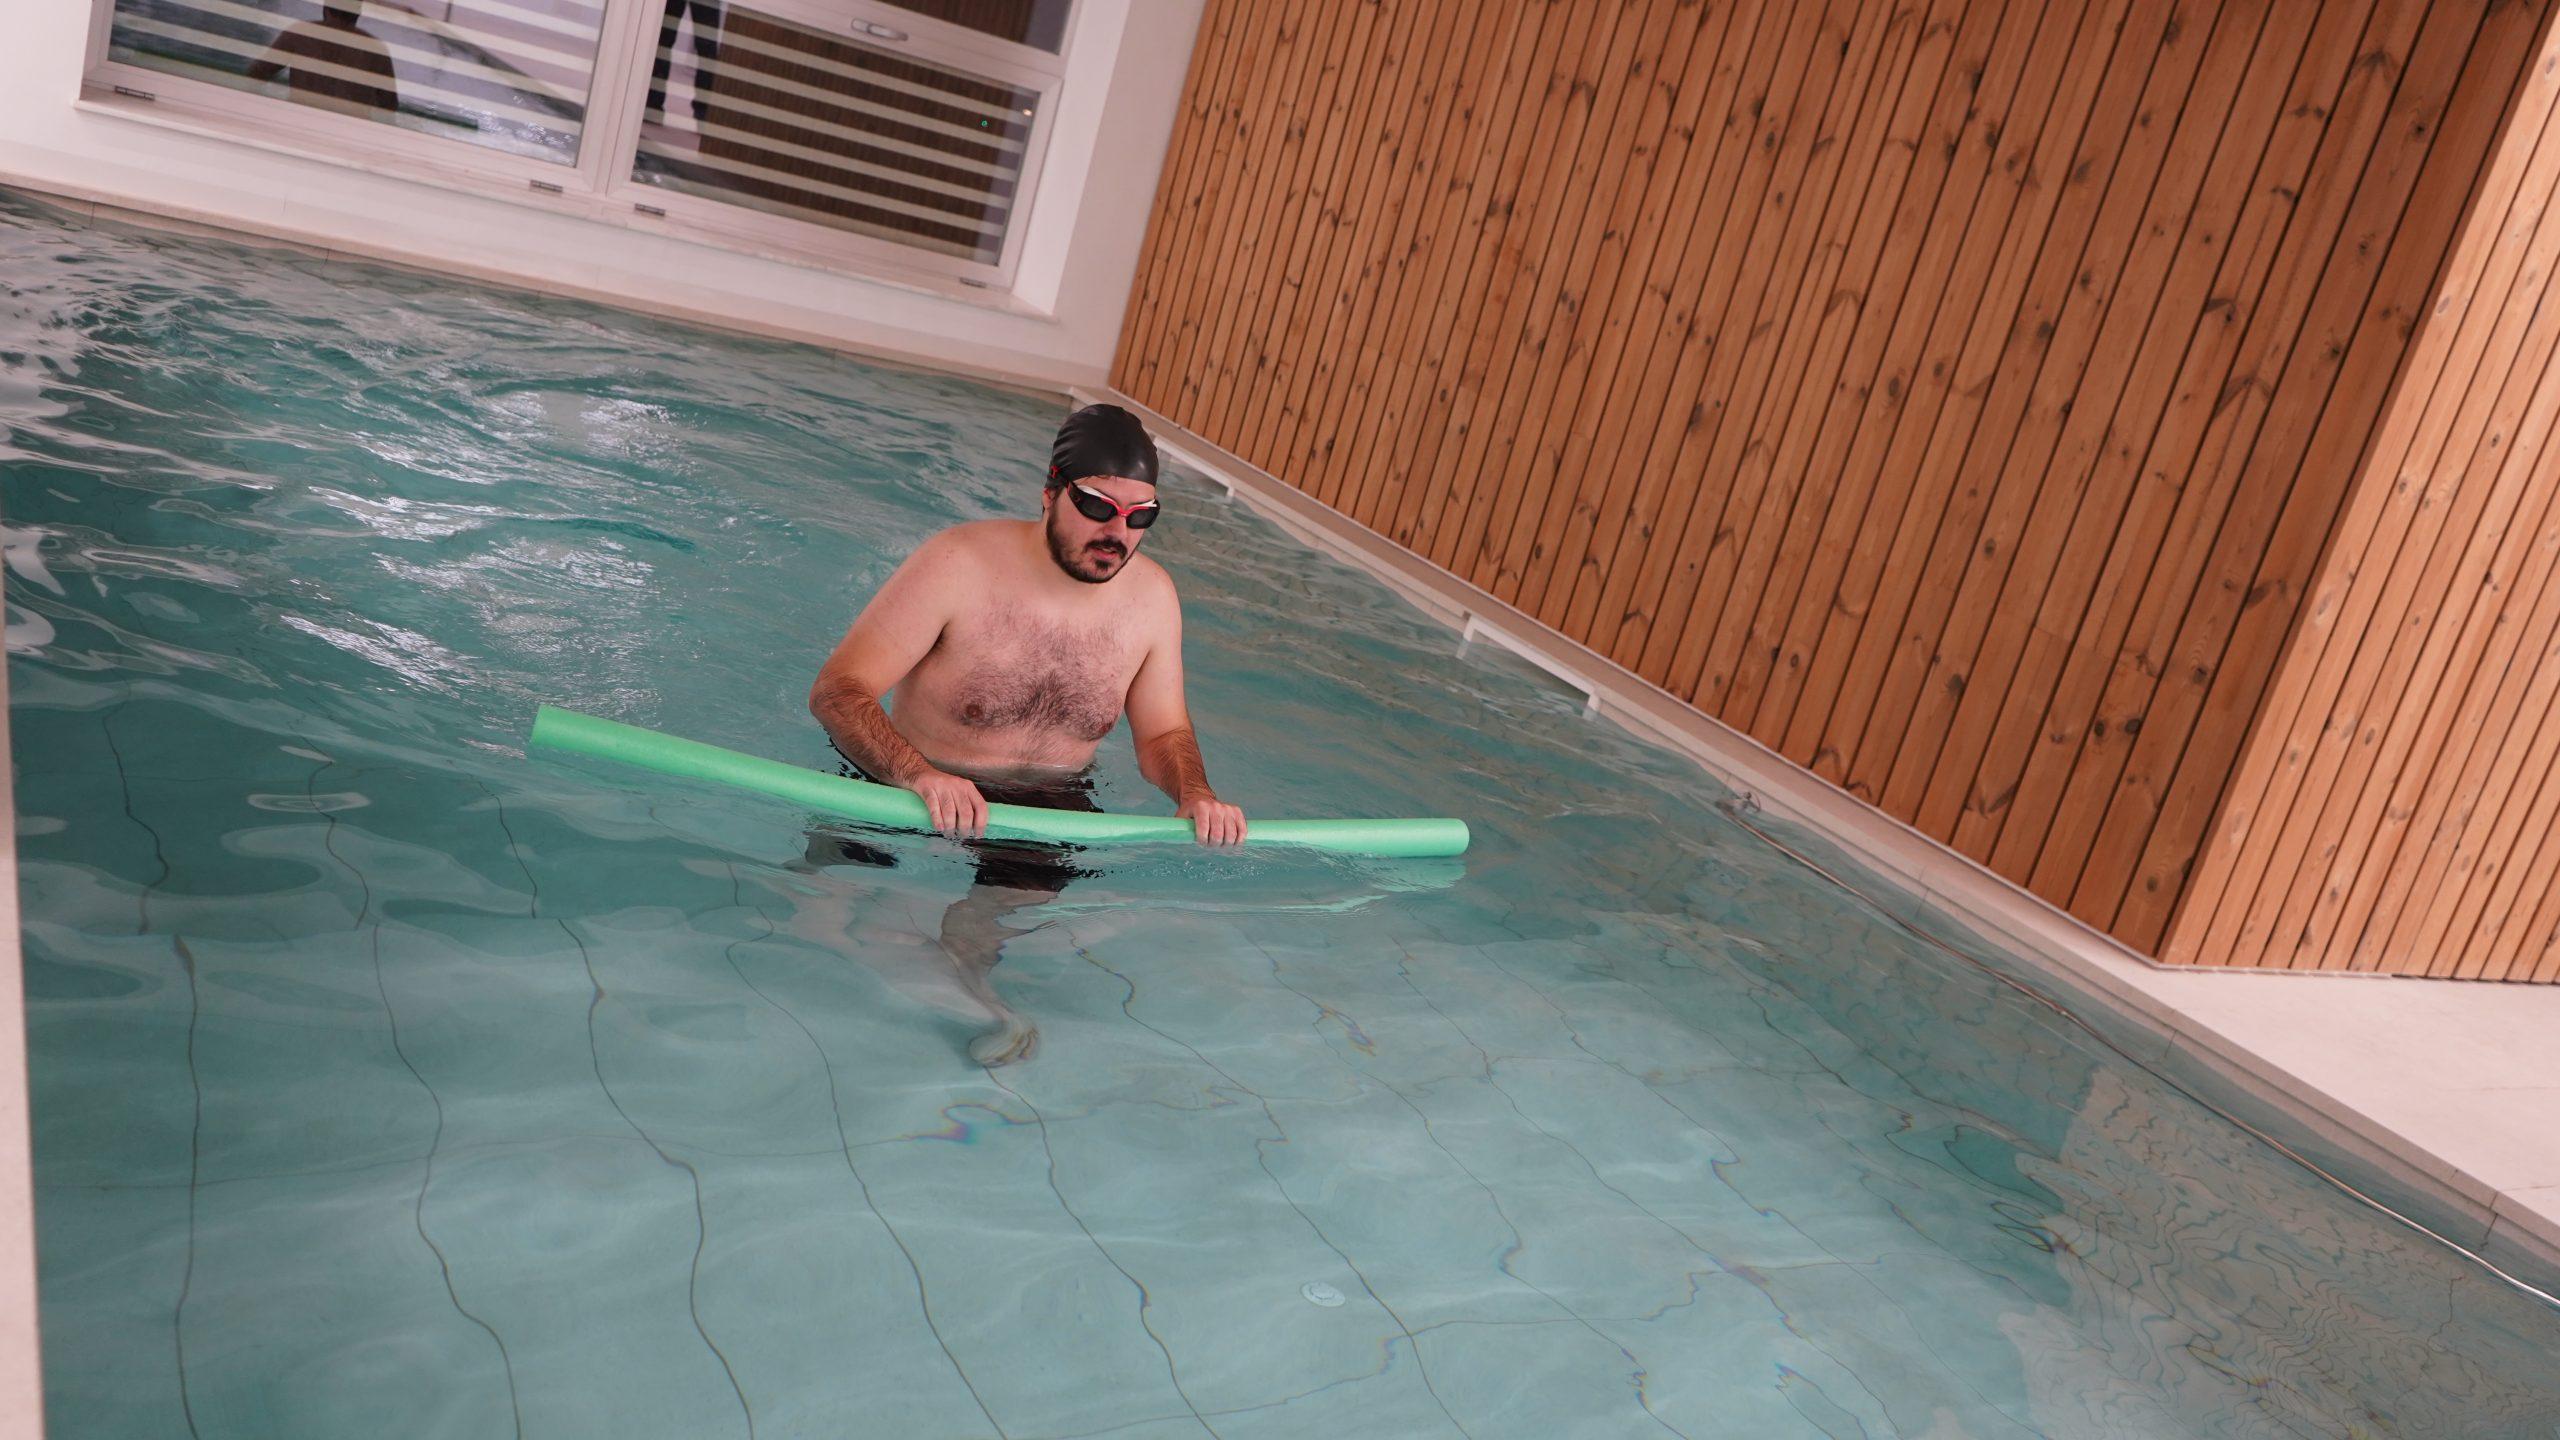 piscina imske rehabilitación